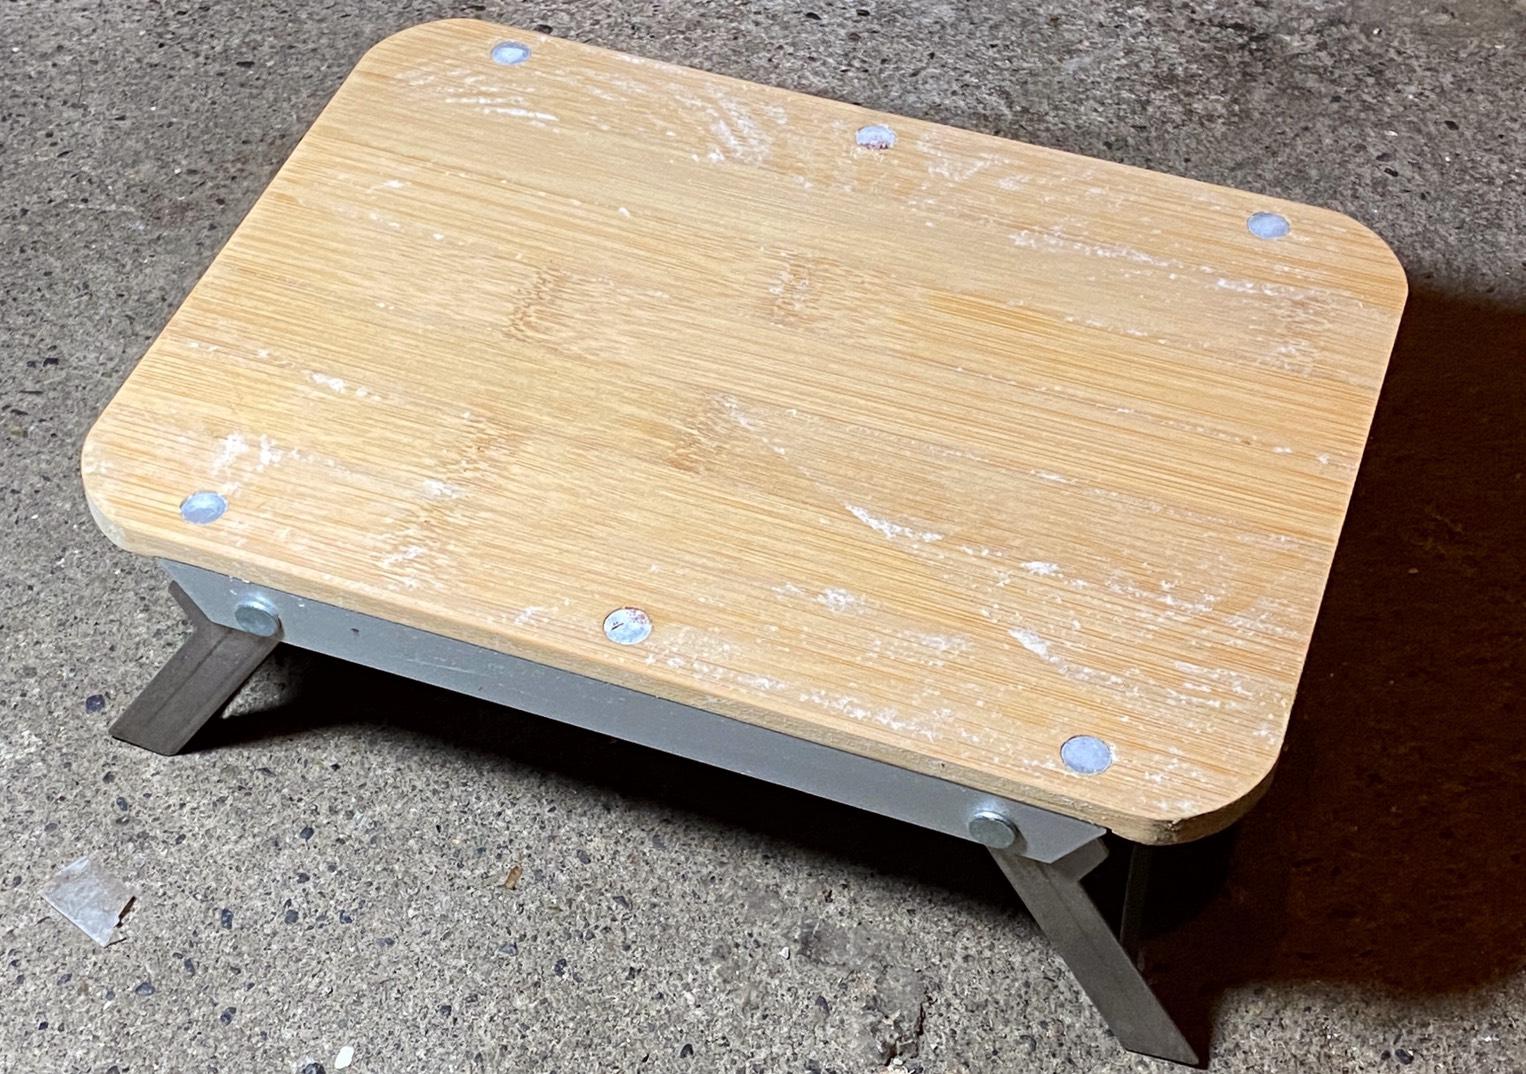 竹製のミニテーブルには白いカビがびっしり